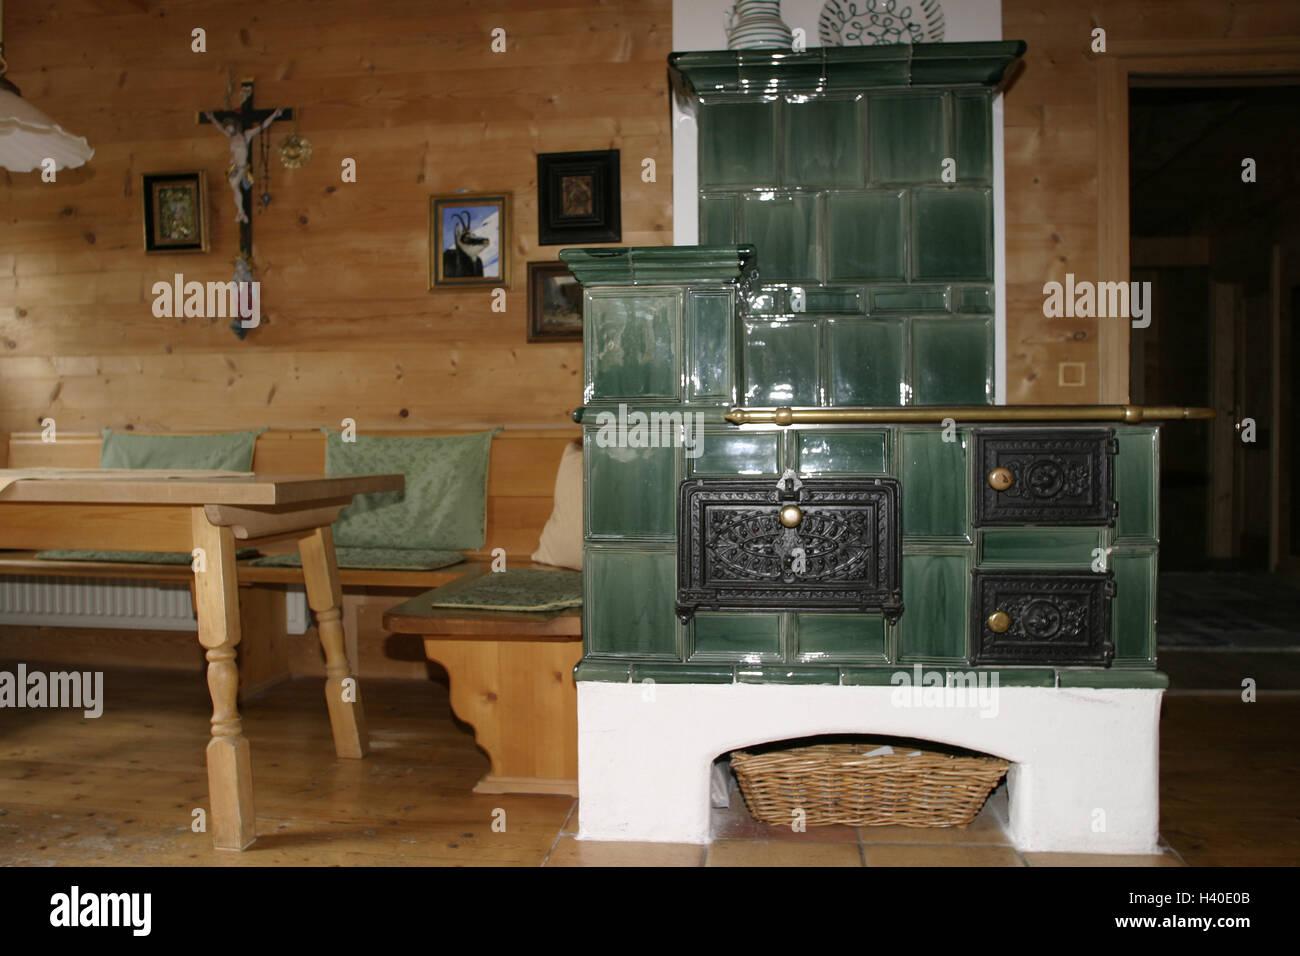 wohnraum kachelofen zimmer bauernstube kuche wohnraum genial arbeitsplatte eiche rustikal fotosammlung von